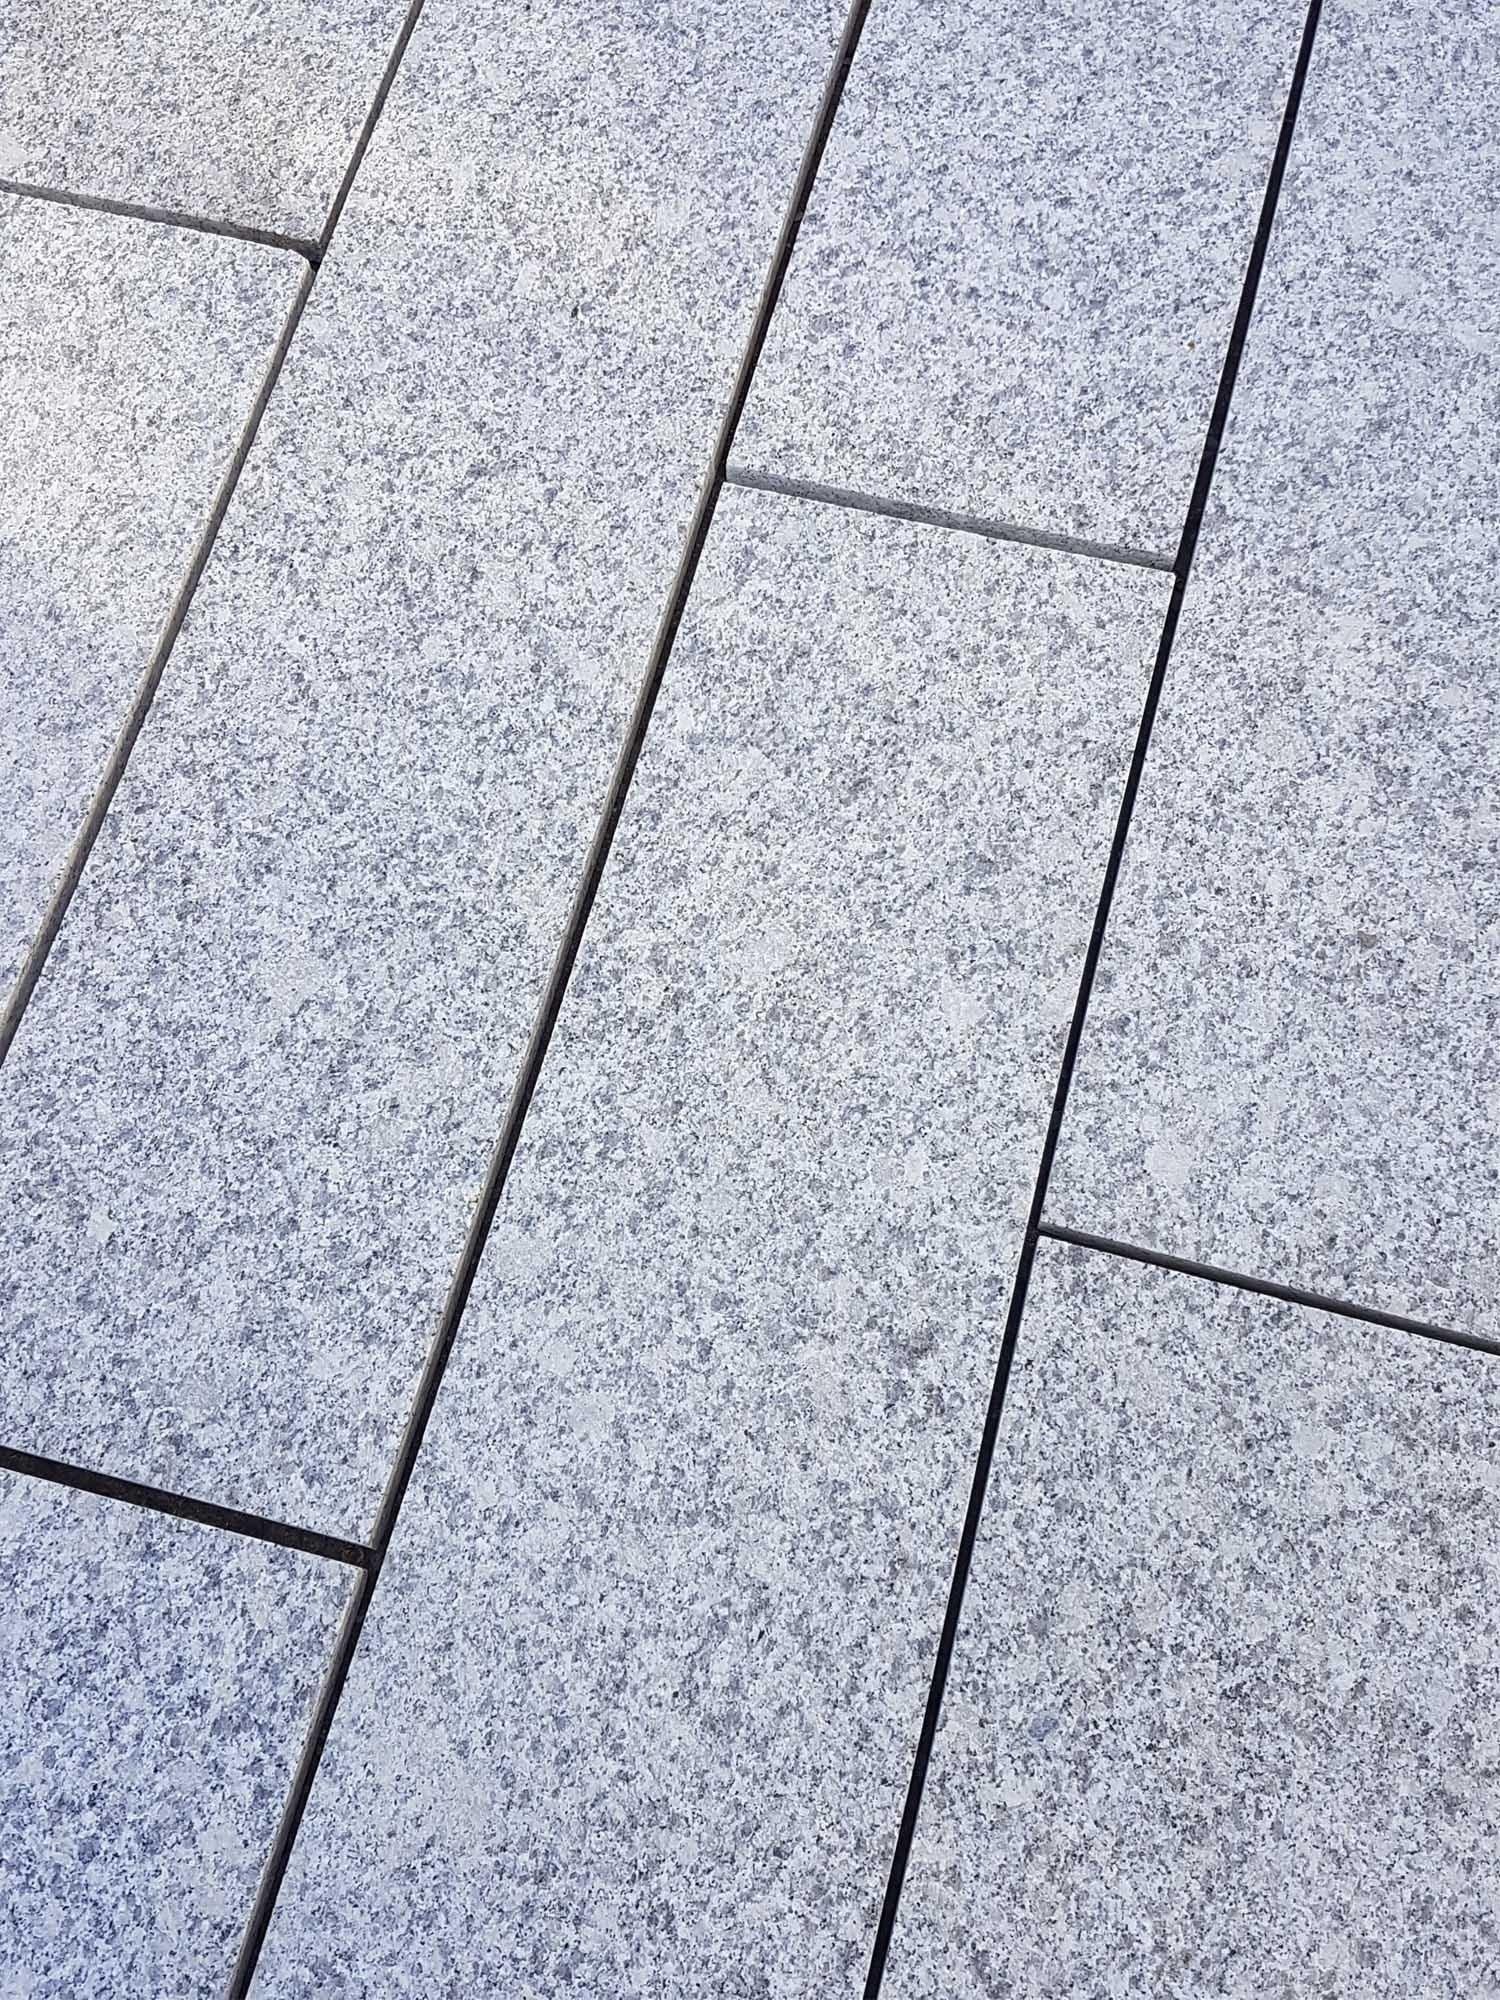 Silver Grey Granite Paving Slabs - 900x200 Pack